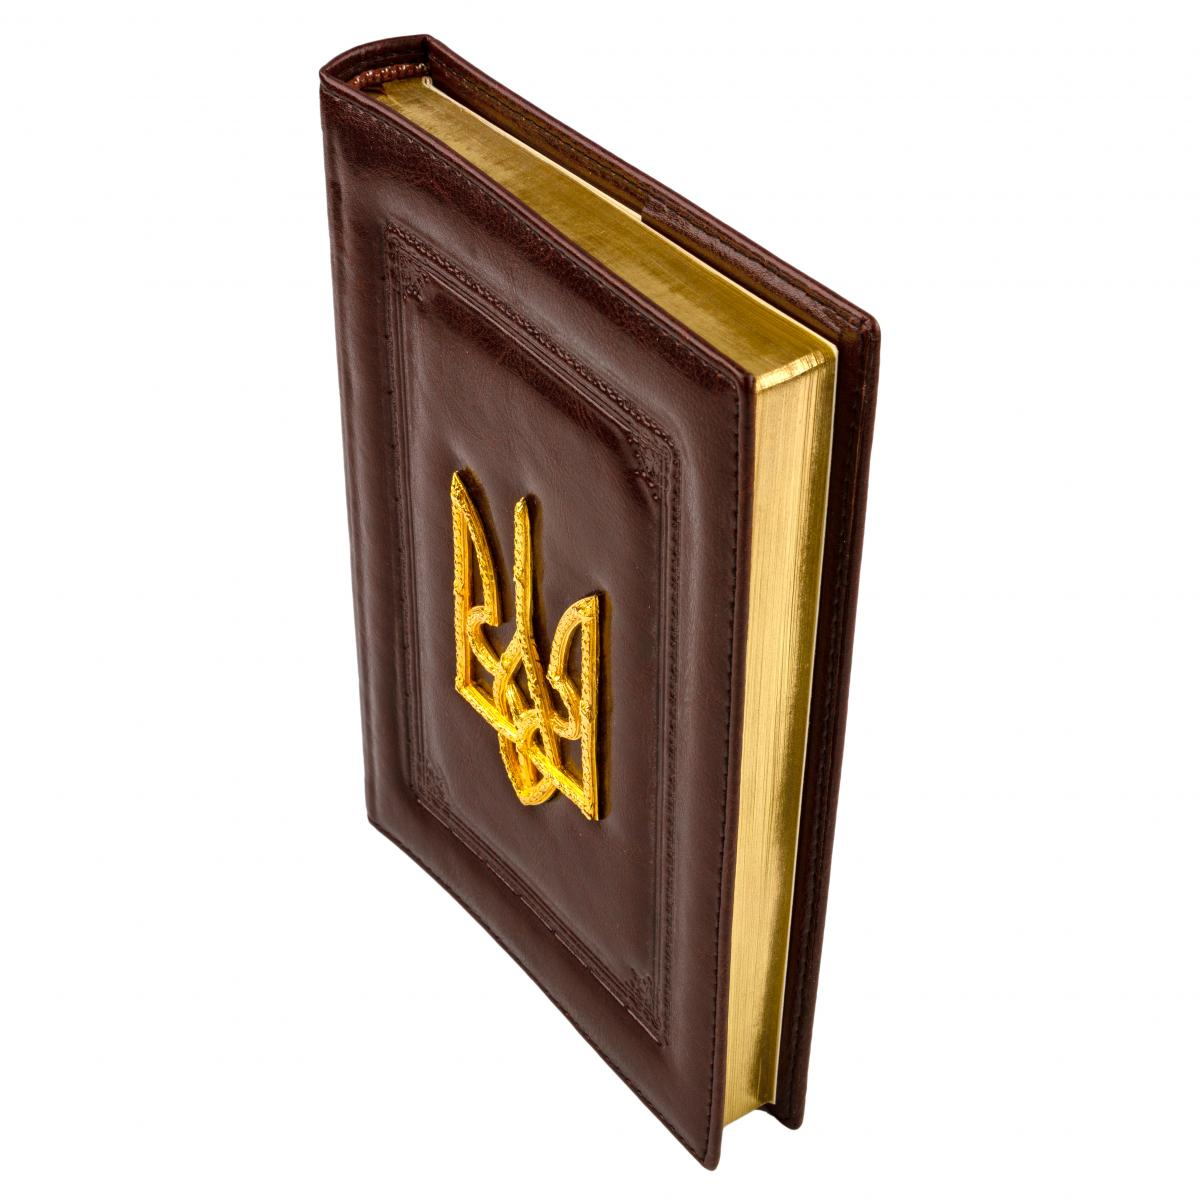 Щоденник з позолоченим тризубом в шкіряній палітурці. Фото №4.   Народний дім Україна